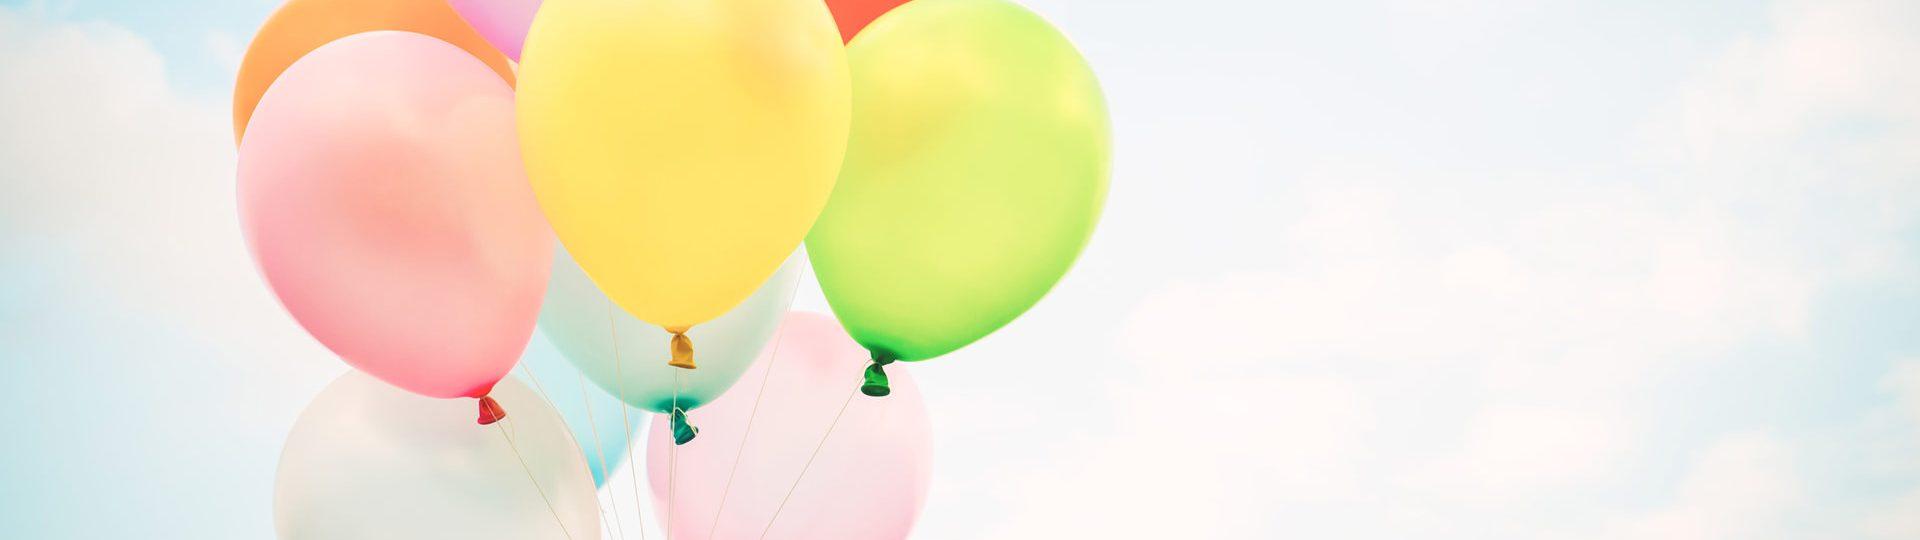 AMARETIS Agentur für Kommunikation Werbeagentur Göttingen Blog 25 Tipps für erfolgreiche Suchmaschinenoptimierung SEO